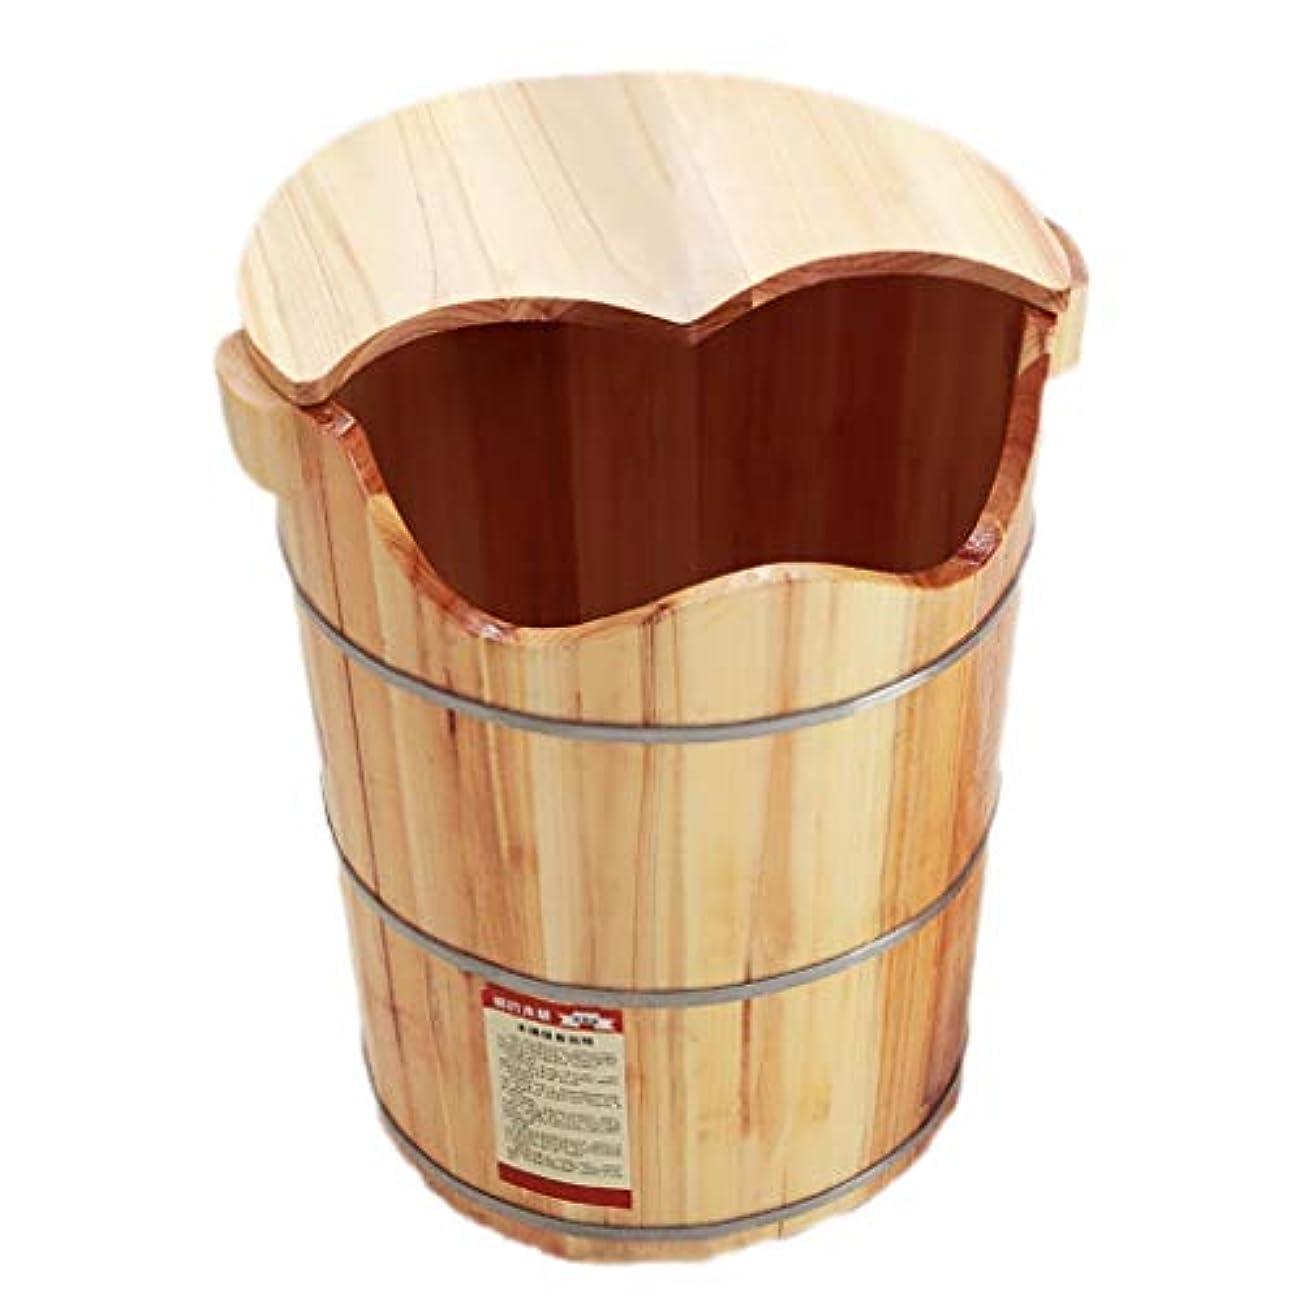 立法物理的にメロディアスNUBAOgy 家庭用浴槽、足浴槽、木製足湯、ペディキュアベイスン、純木製フット浴槽、マッサージペディキュアバケット、ふたを高くして、50 * 40 * 28 cm (色 : A)